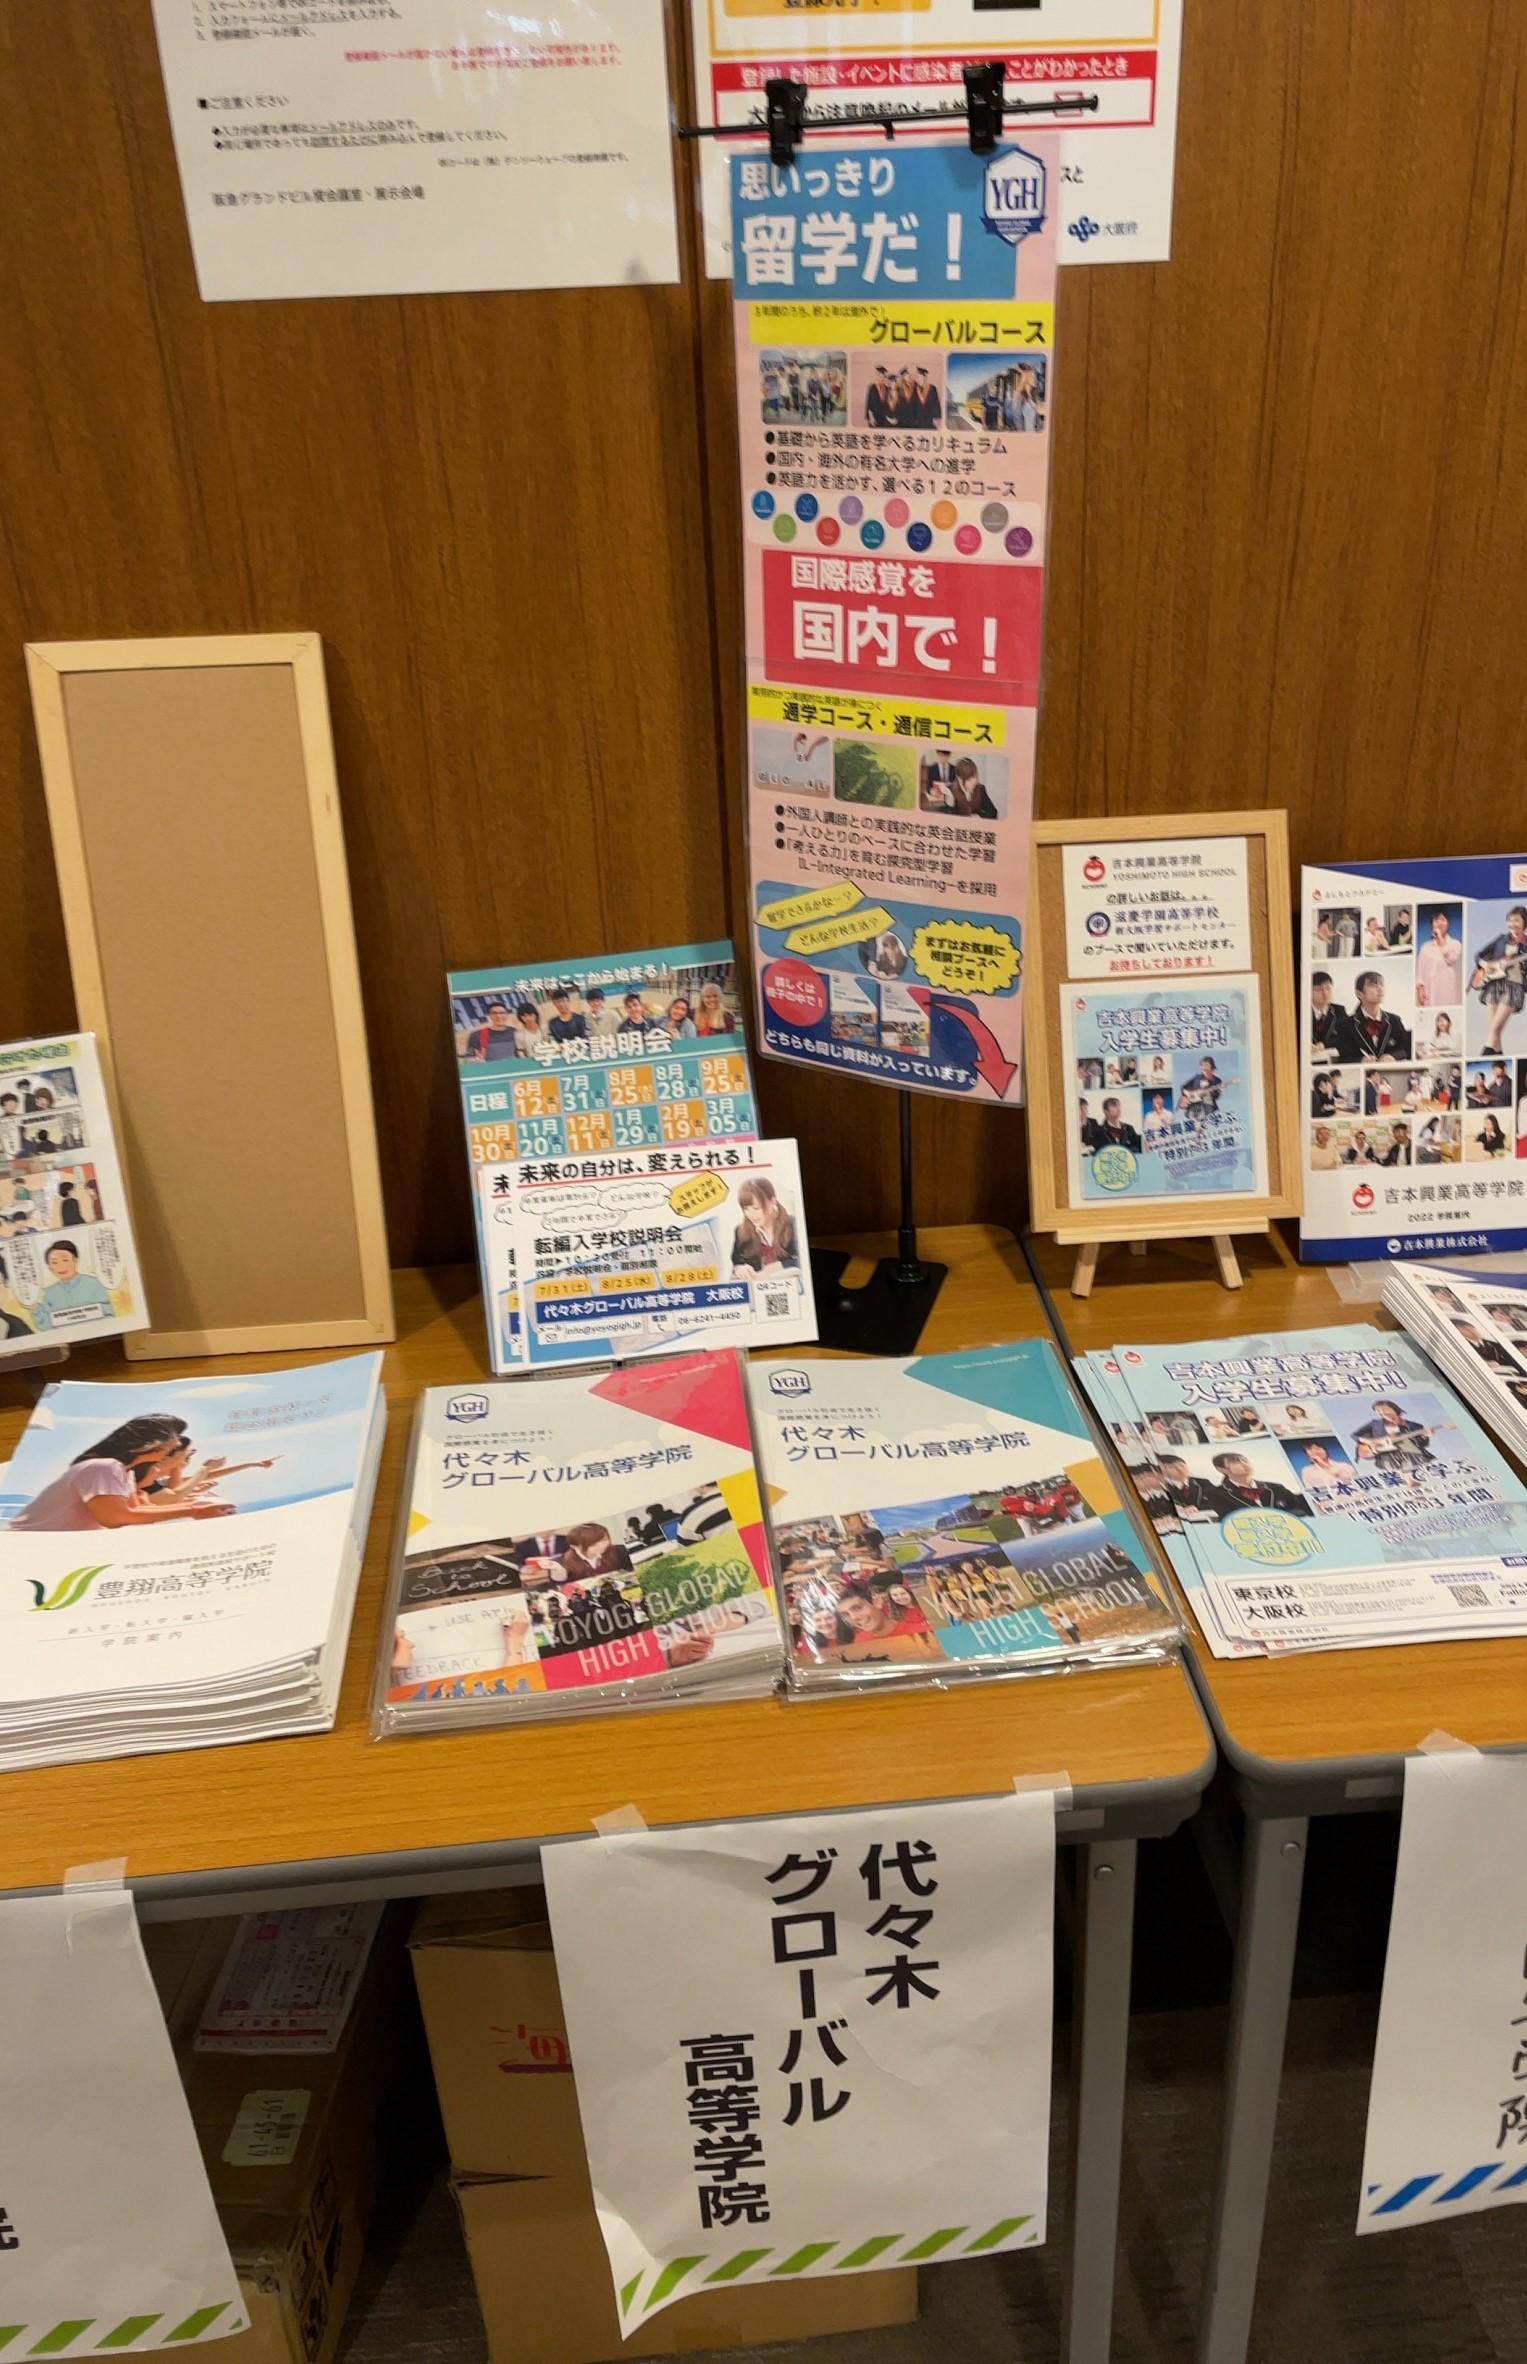 【合同説明会】6月13日大阪会場の説明会に参加しました! | 代々木グローバル高等学院[公式]